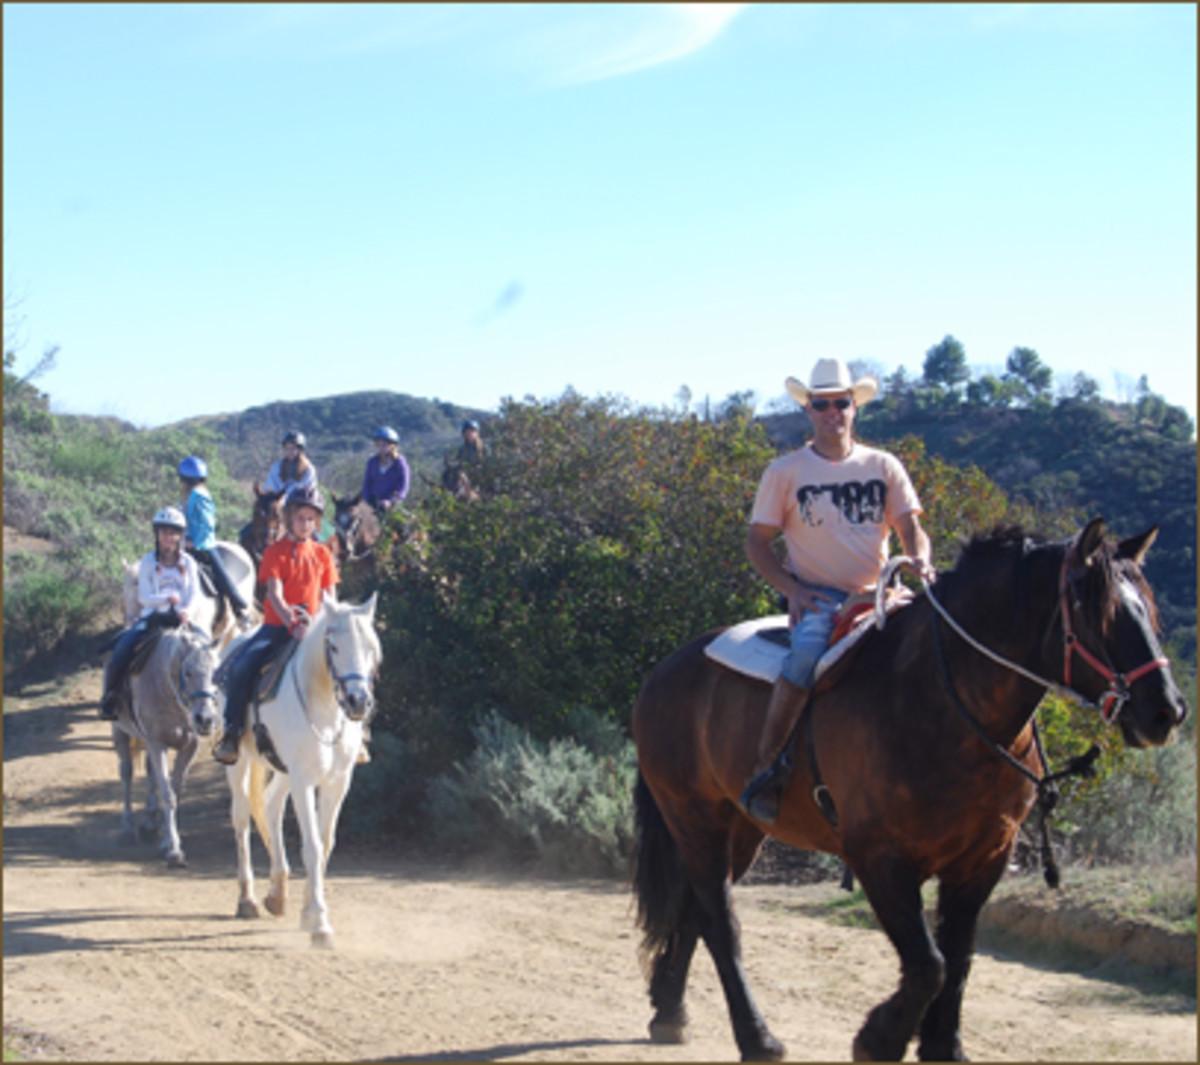 photo courtesy of The LA Horseback Riding.